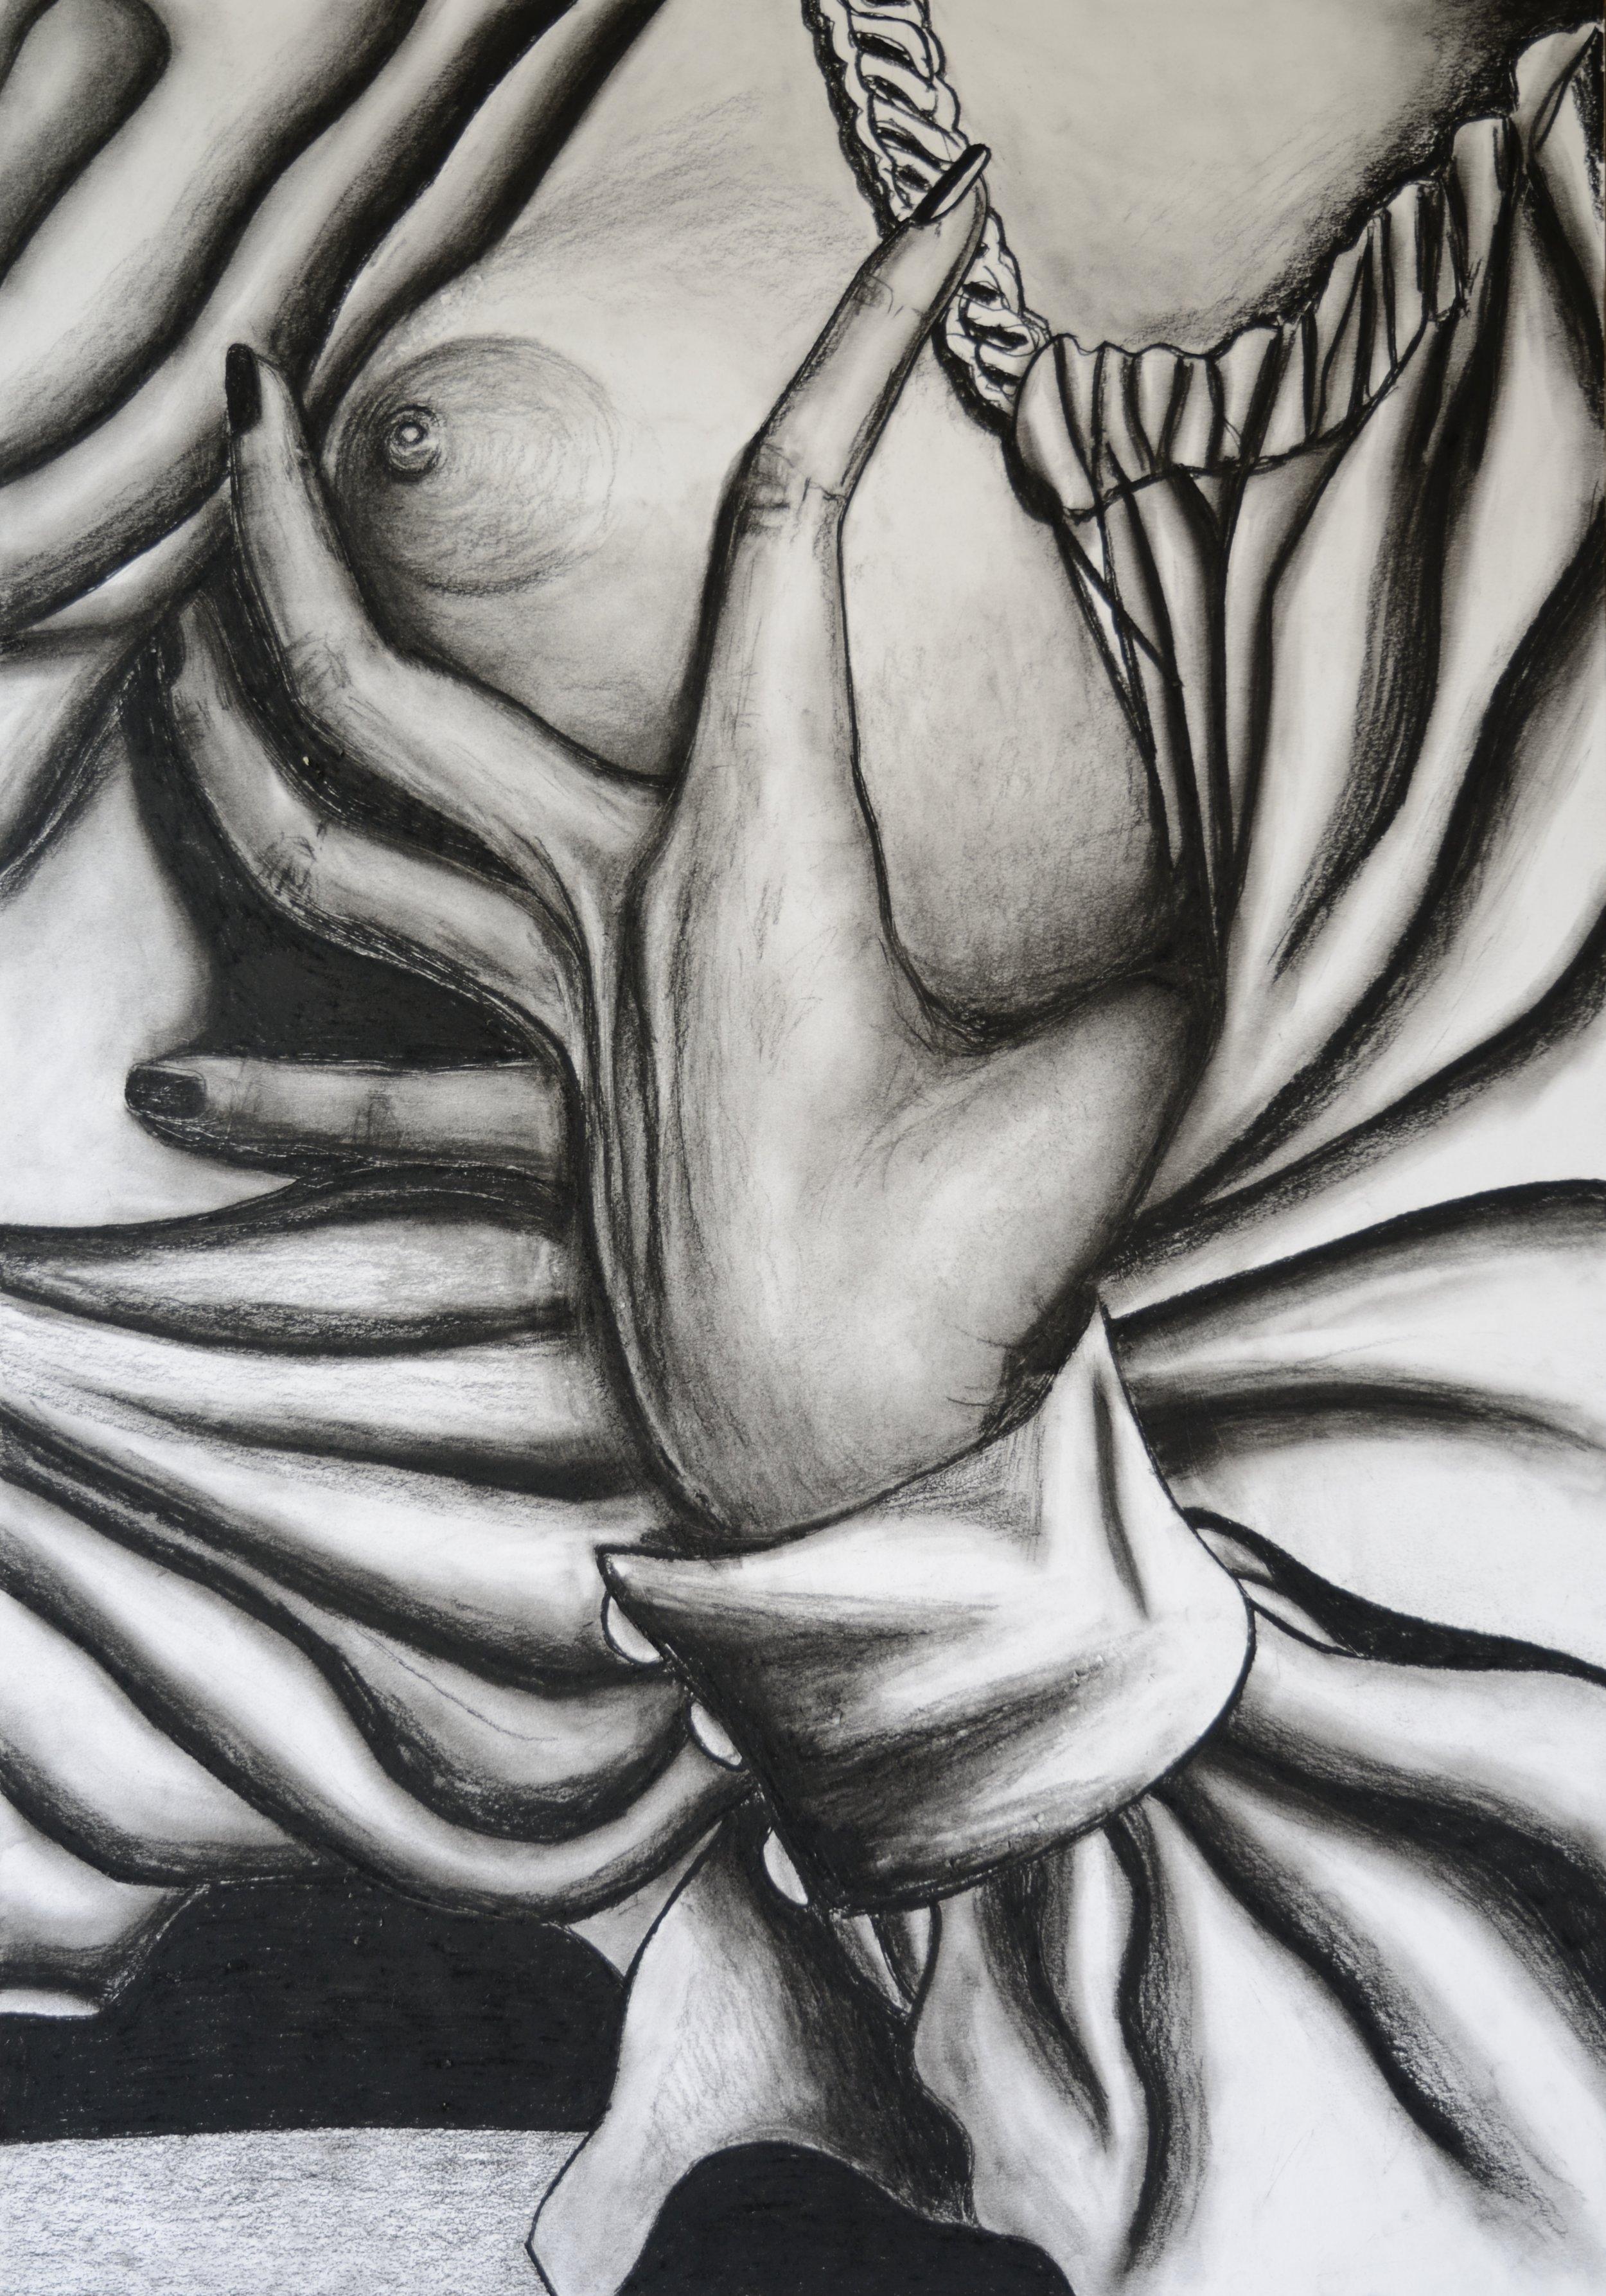 No Title, 100x70cm, conte on paper